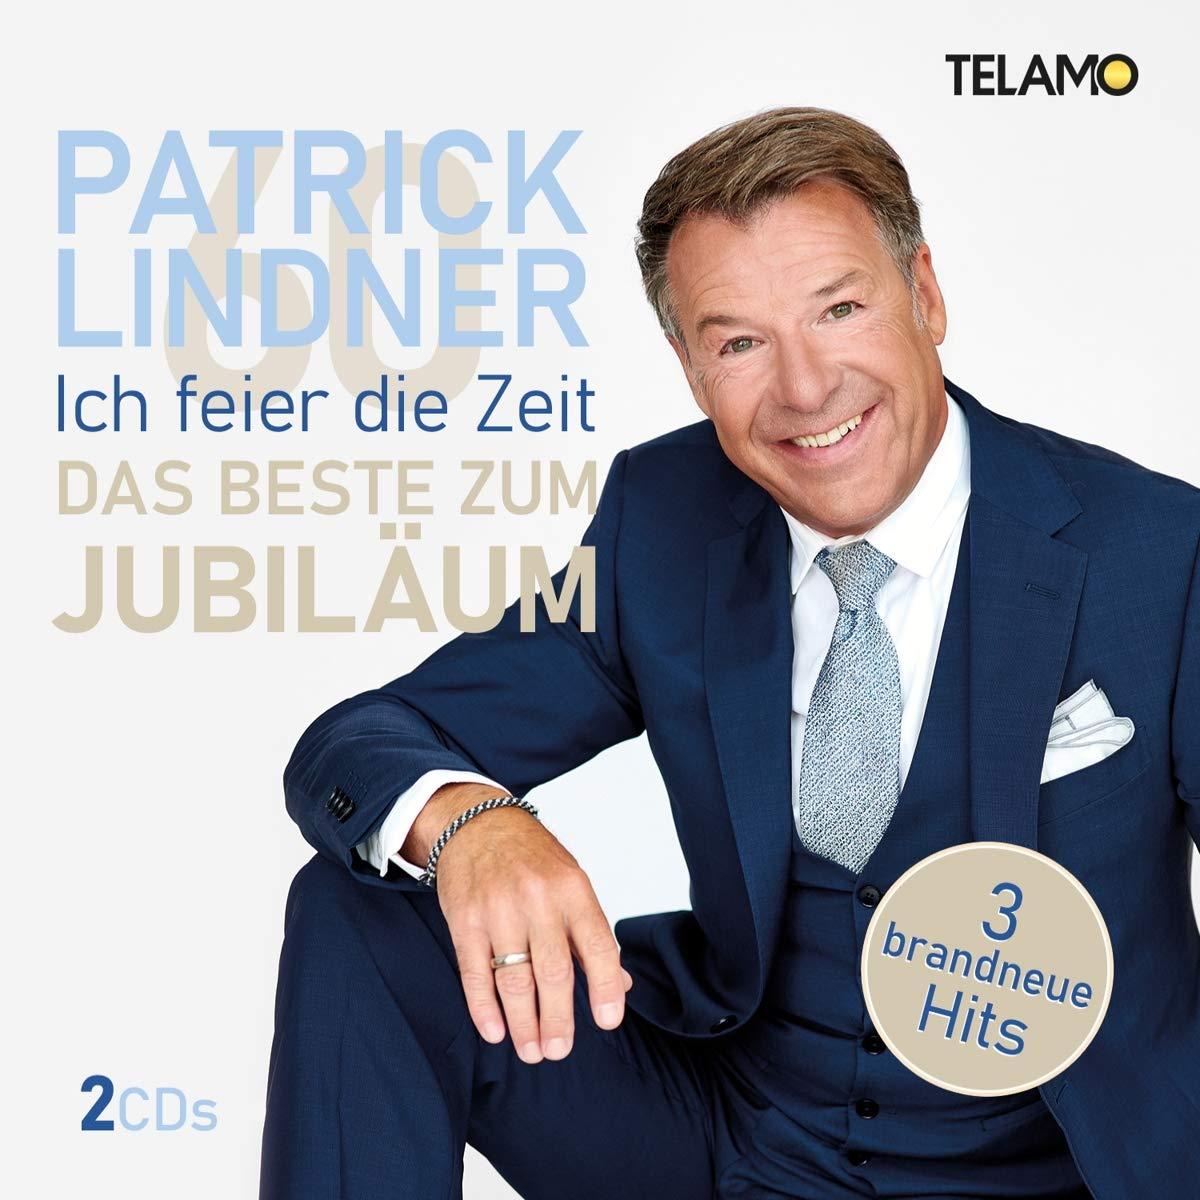 Patrick Lindner - Ich feier die Zeit: Das Beste zum Jubiläum (2020) Front